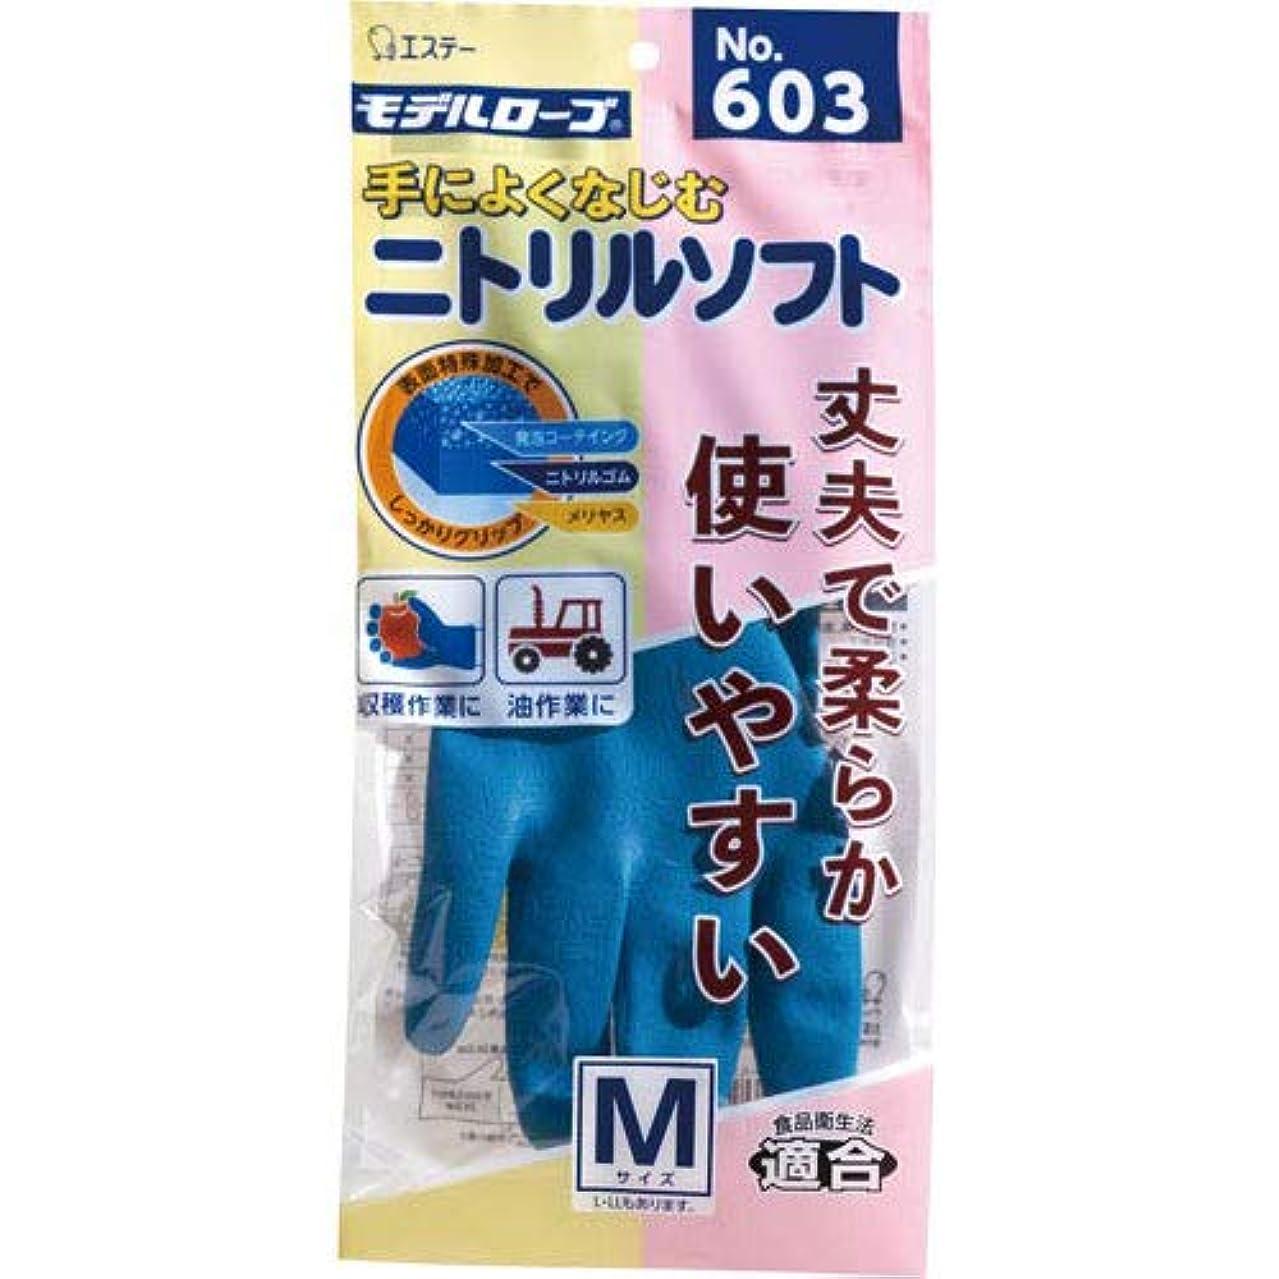 うそつき道倒錯モデルローブ ニトリルソフト No.603 M